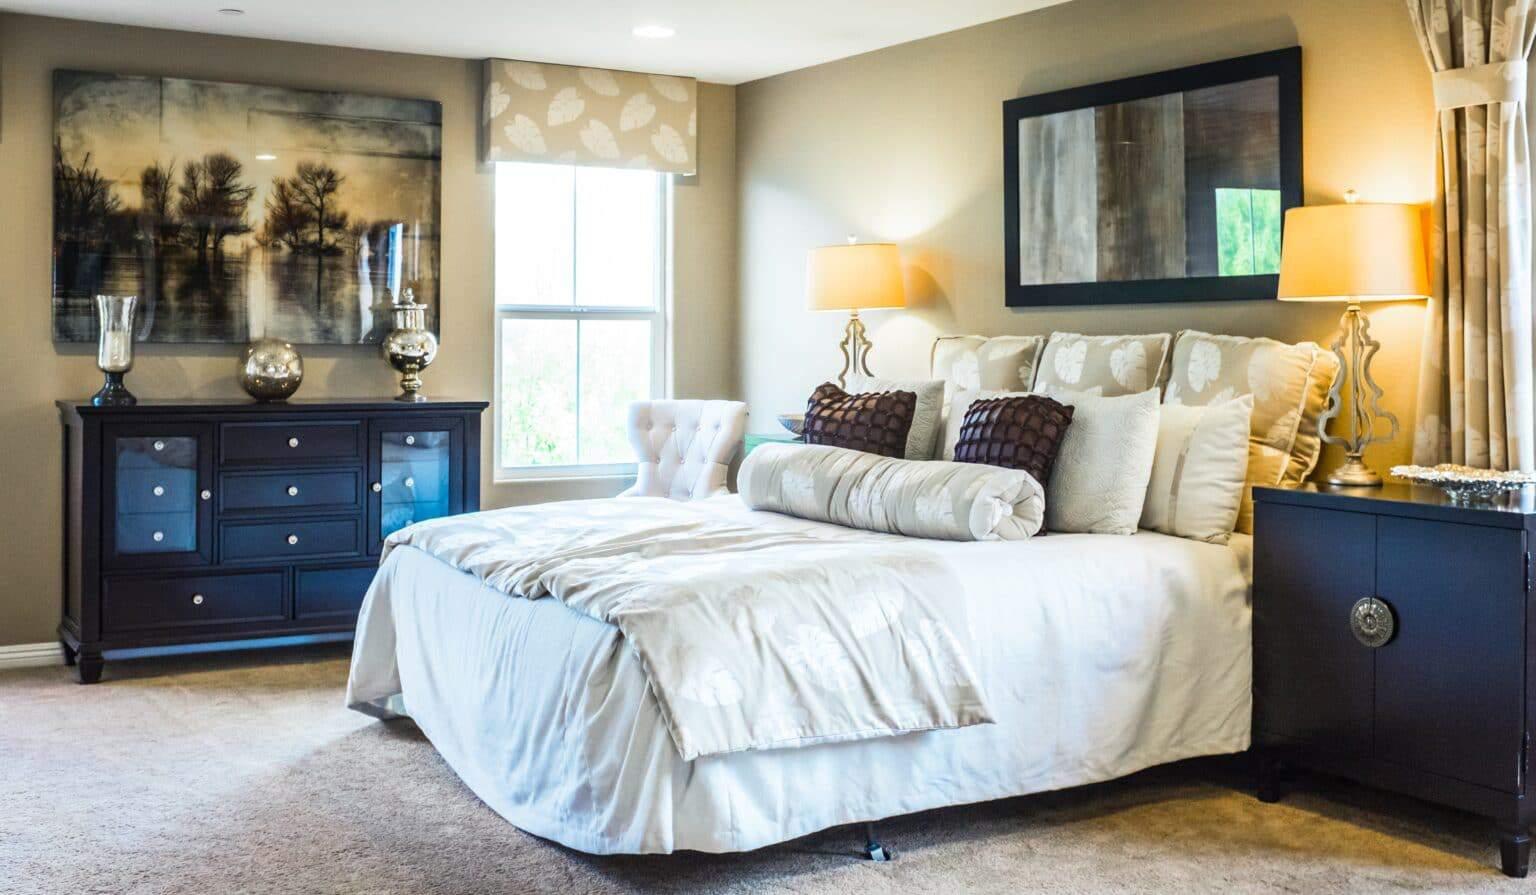 wykładzina w sypialni styl amerykański